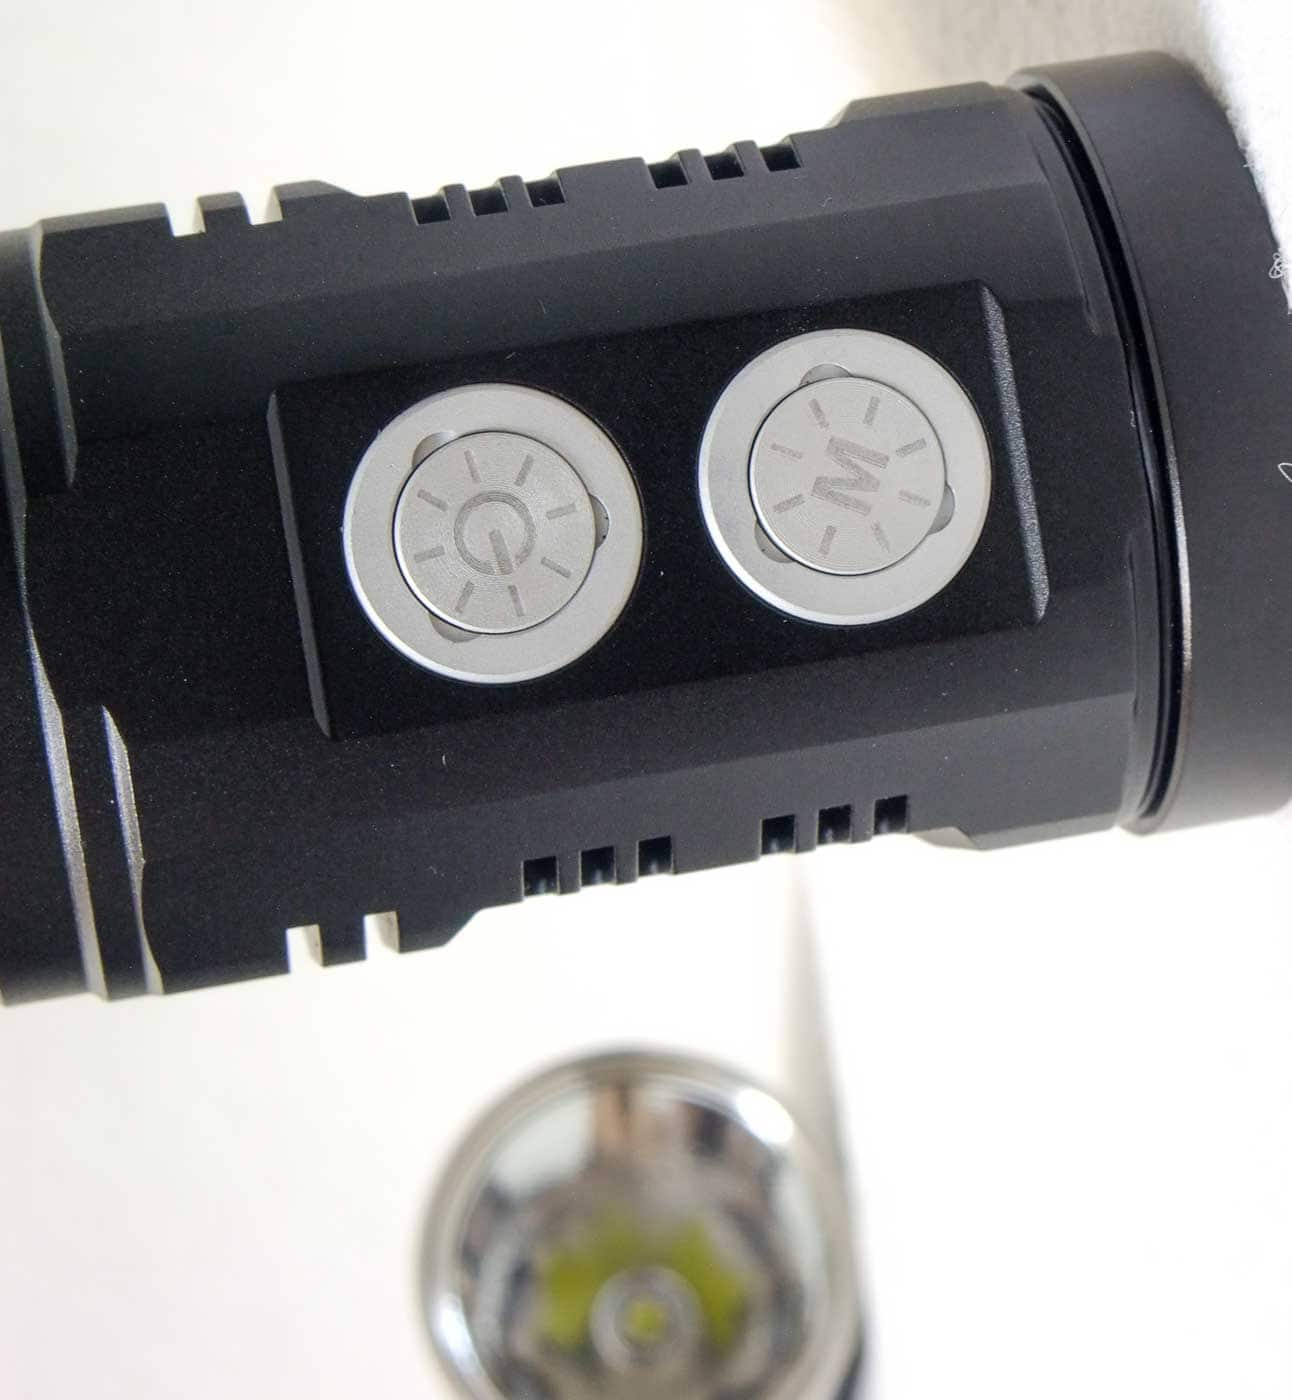 sa04 buttons